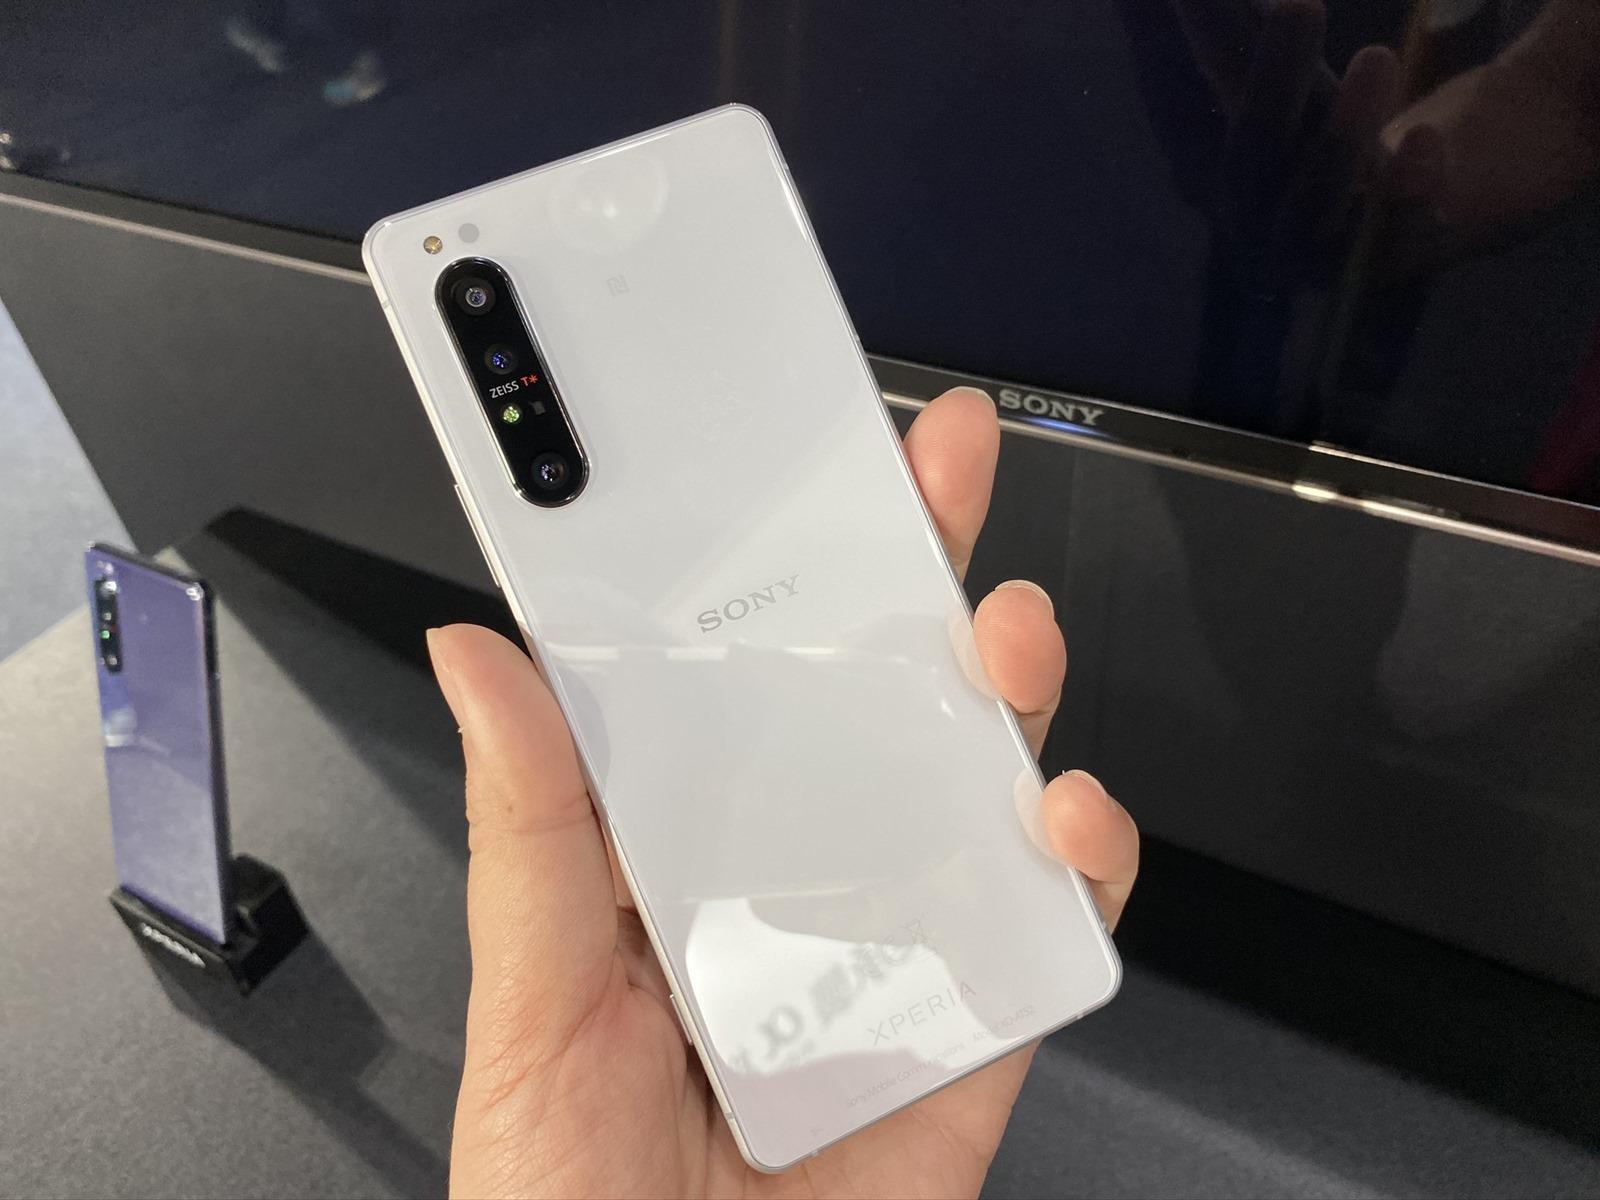 Sony Mobile Xperia 1 II 正式在台亮相上市懶人包! 6/6 開始預購,售價 台灣售價 NT$35,990 @3C 達人廖阿輝